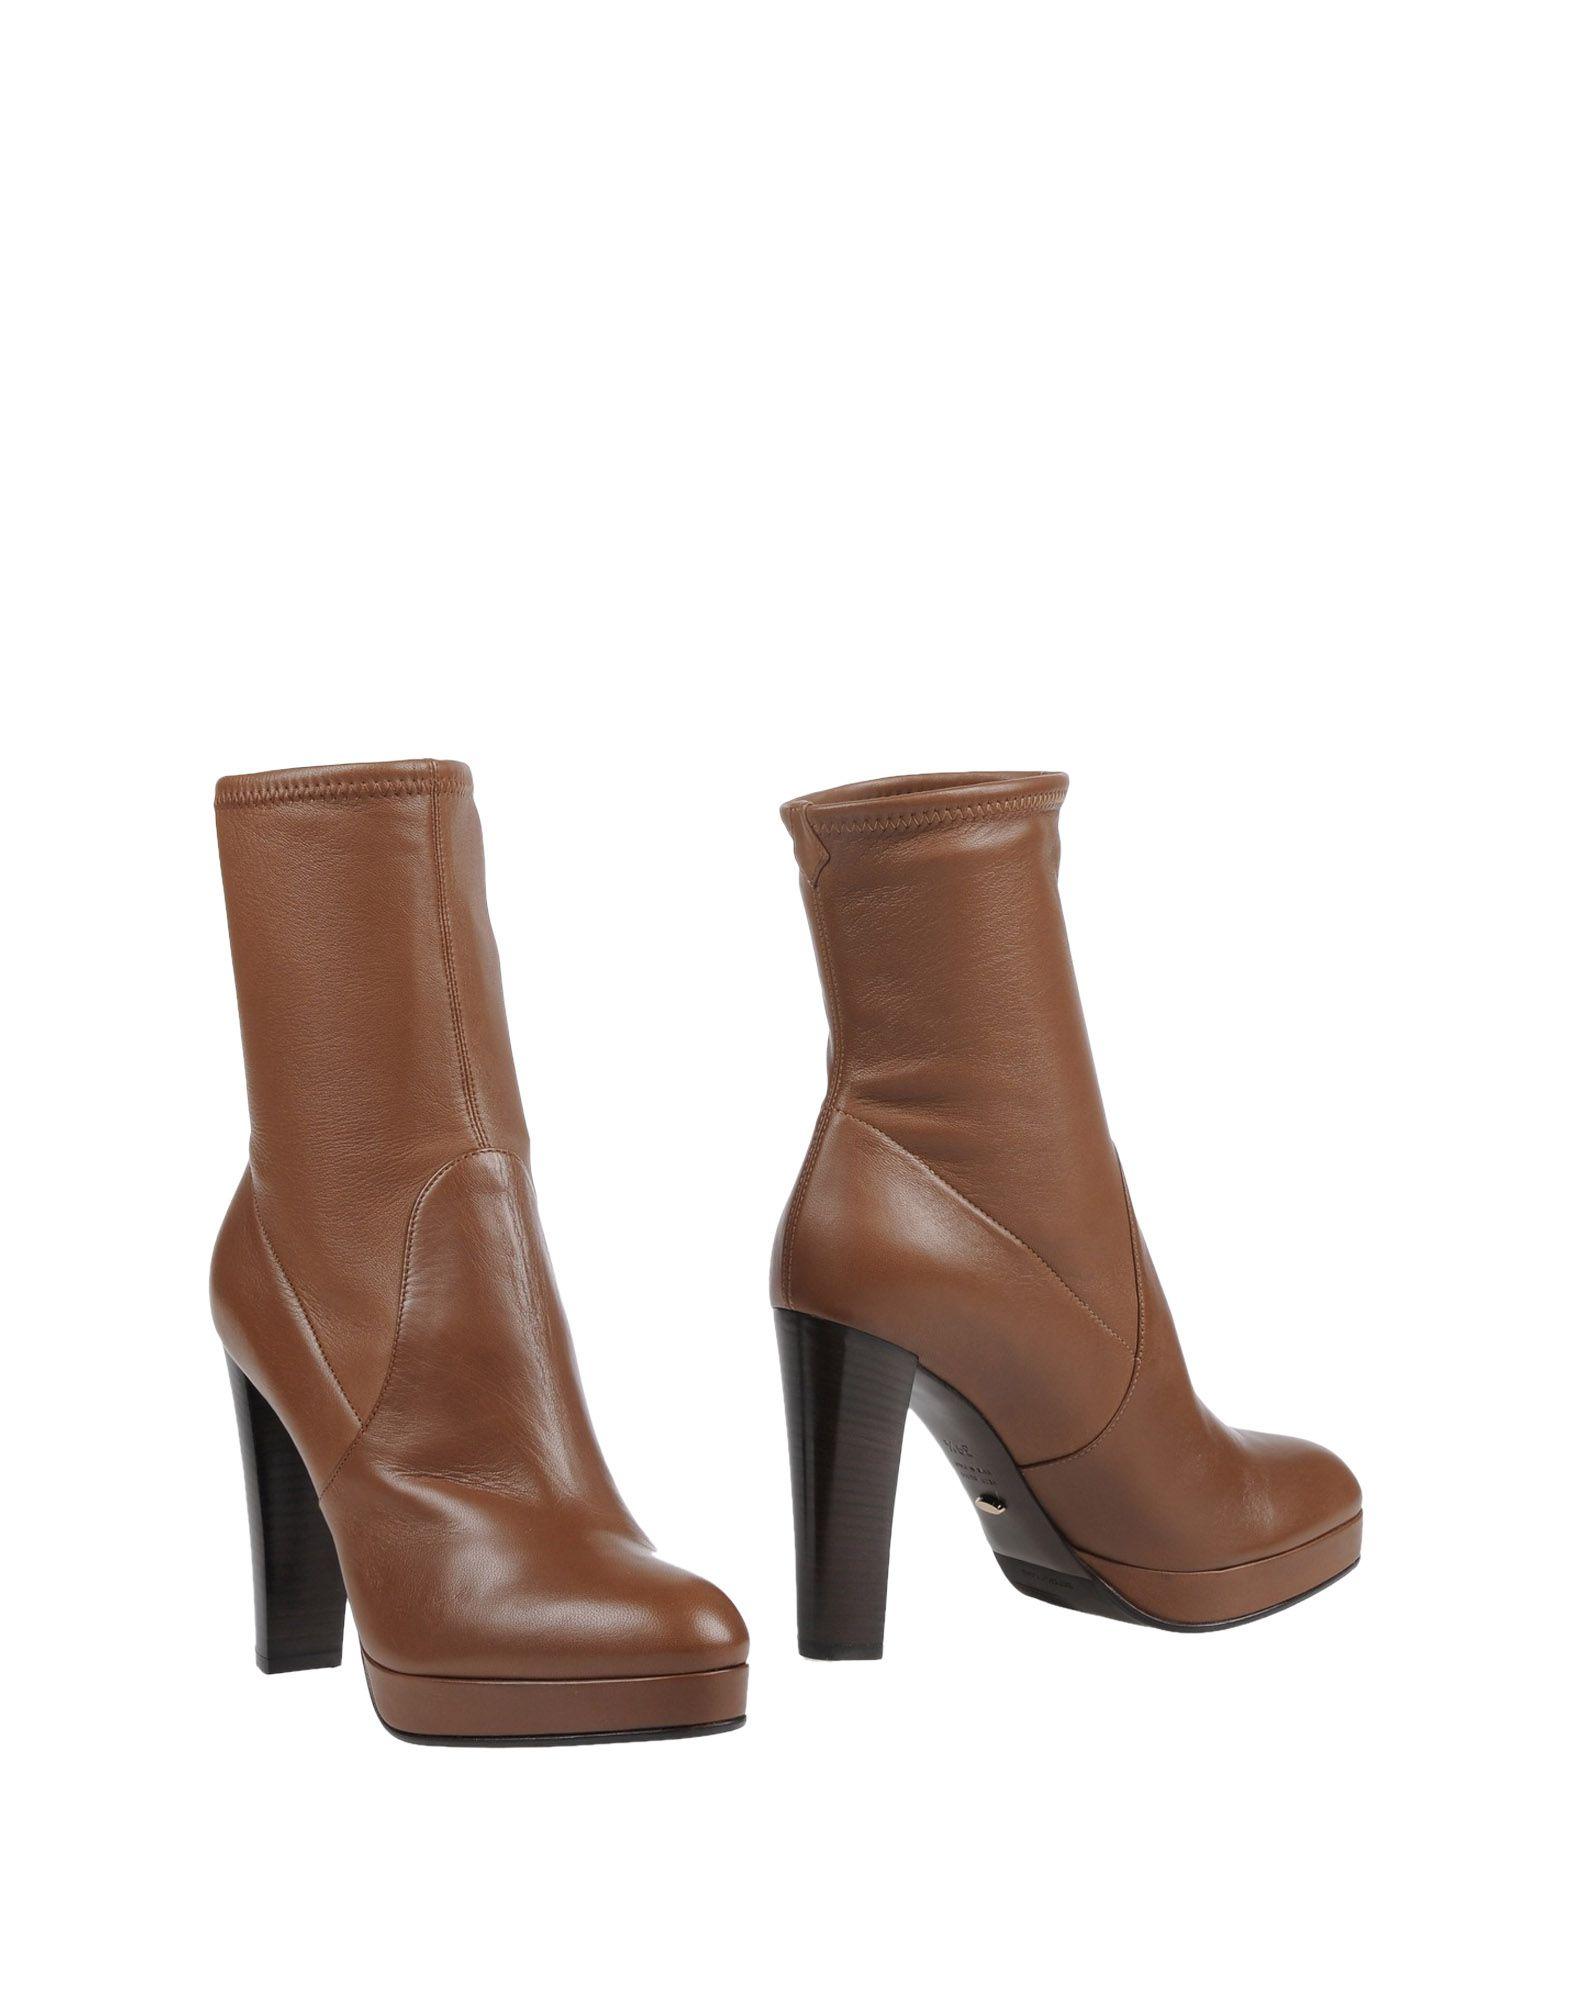 Sergio Rossi Stiefelette Damen  11232466IUGünstige gut aussehende Schuhe